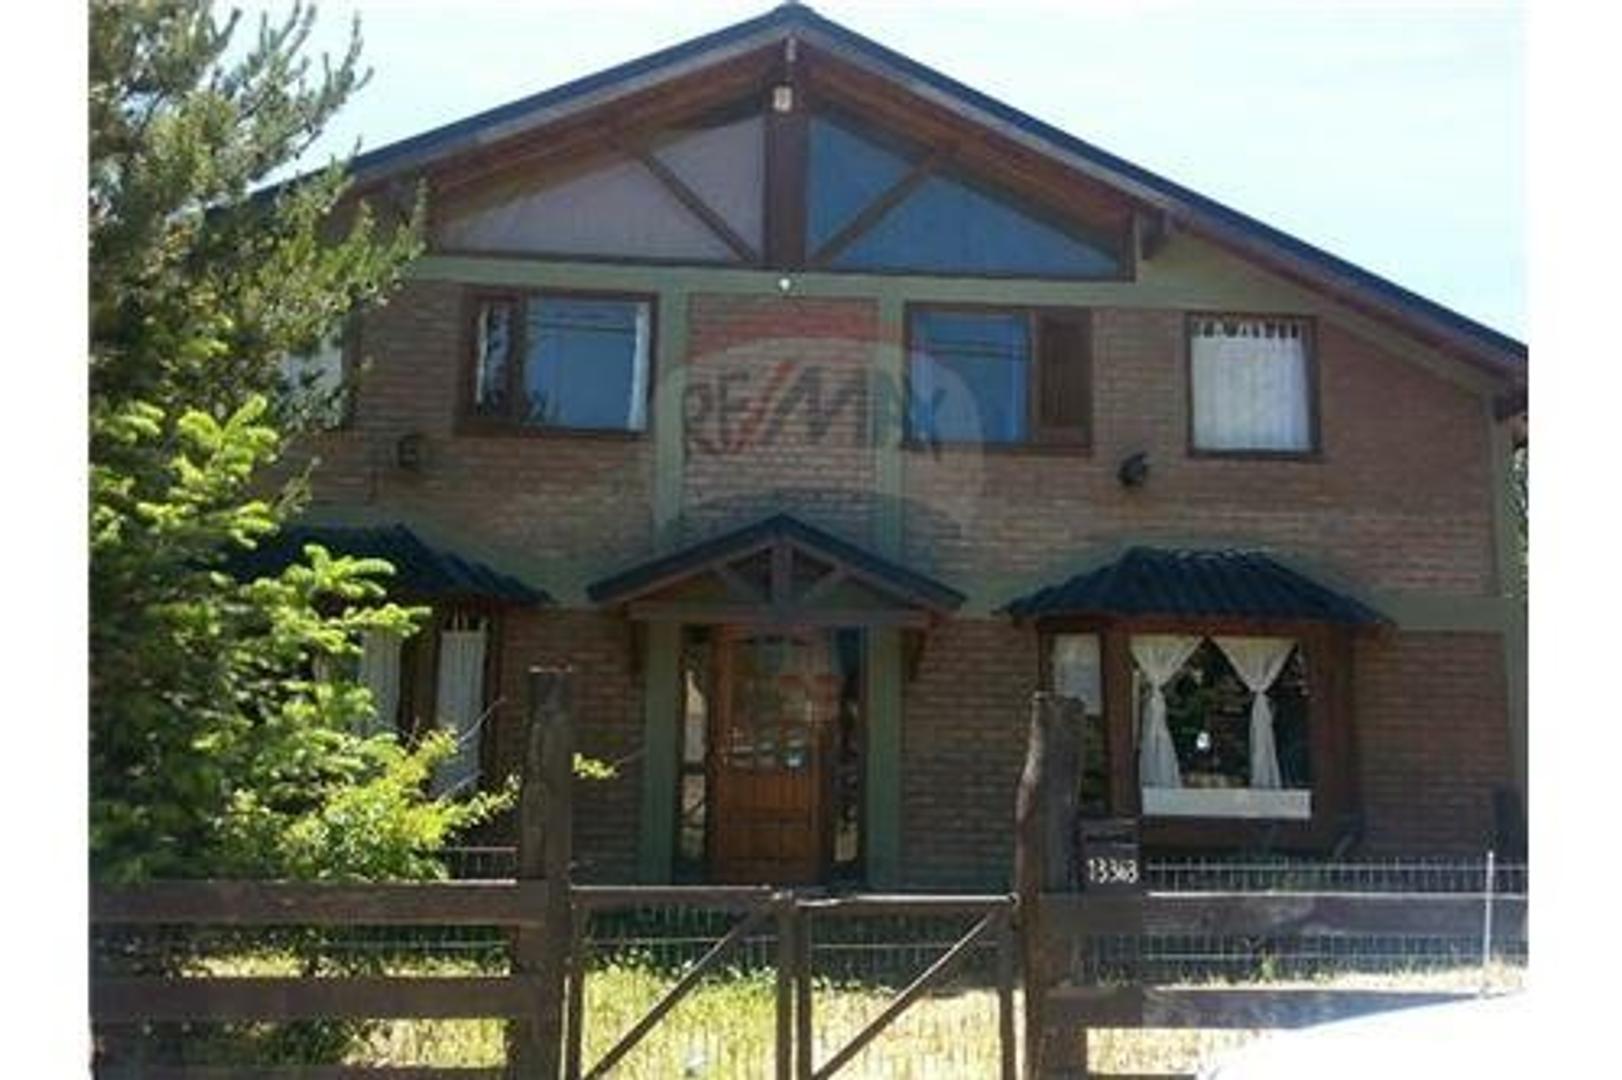 Venta casa Bariloche-Barrio Playa Serena-APTO P.H.